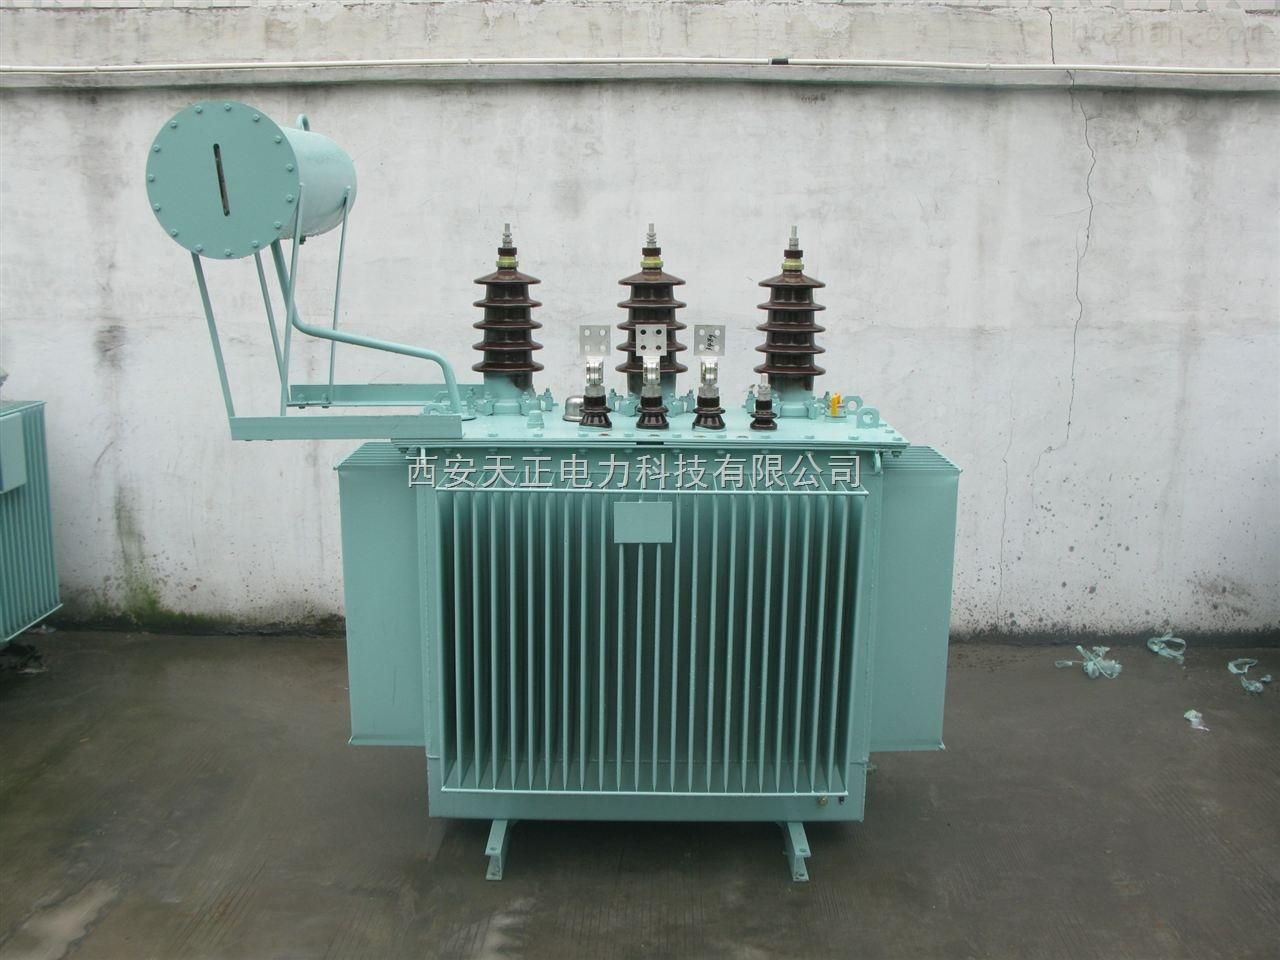 用于国内变压器的高压绕组一般联成Y接法,中压绕组与低压绕组的接法要视系统情况而决定。所谓系统情况就是指高压输电系统的电压相量与中压或低压输电系统的电压相量间关系。如低压系配电系统,则可根据标准规定决定。 高压绕组常联成Y接法是由于相电压可等于线电压的57.7%,每匝电压可低些。 1).